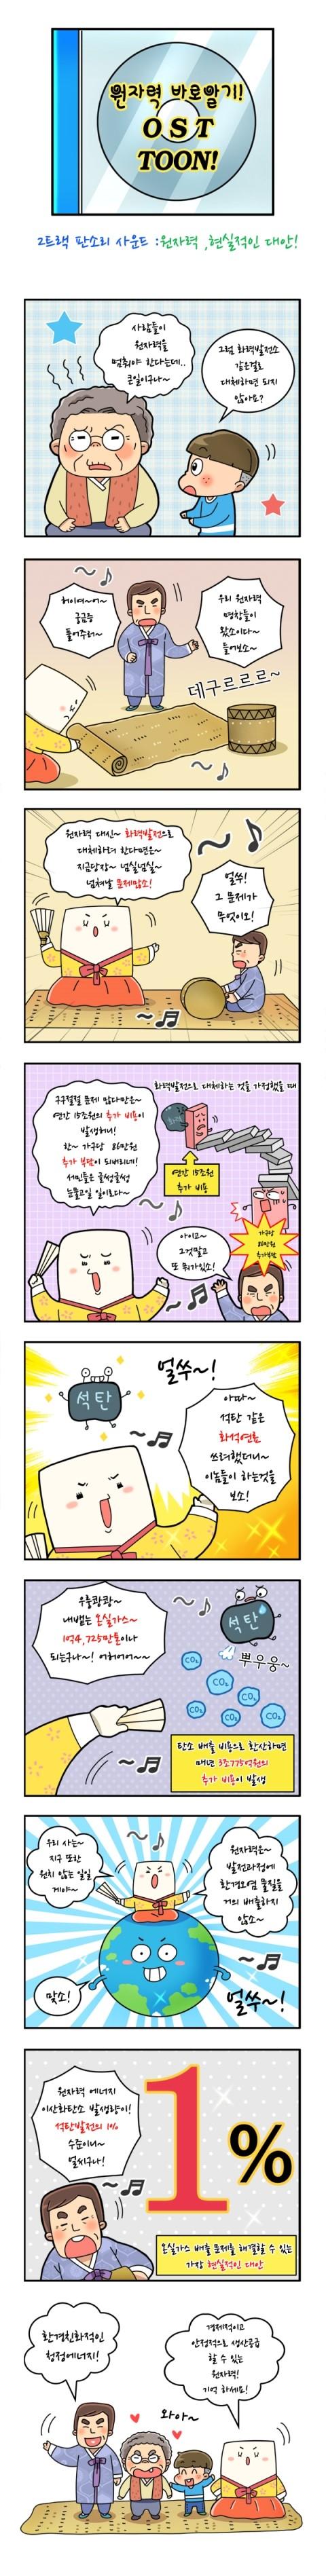 2트랙 판소리사운드 - 원자력, 현실적인 대안!.jpg